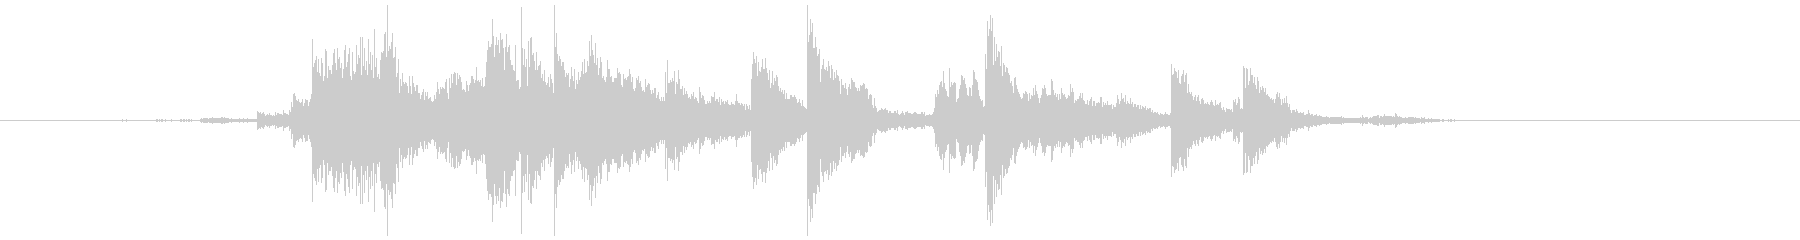 キーホルダー 金属音(チャリッ) の未再生の波形